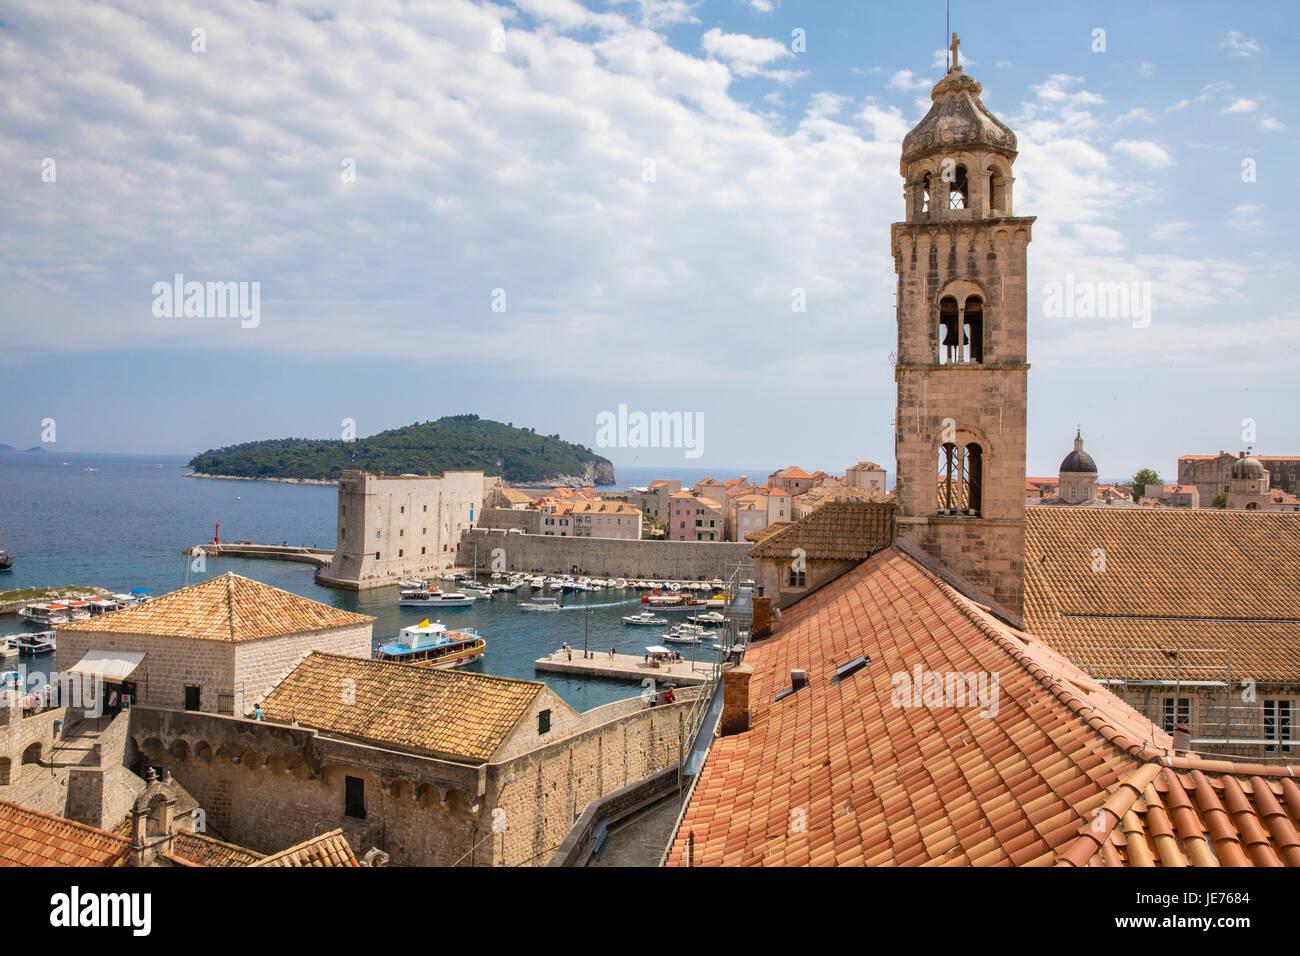 Glockenturm der Kirche des Dominikanerklosters und des Museums mit Blick auf die mittelalterliche Stadt von Dubrovnik Stockbild